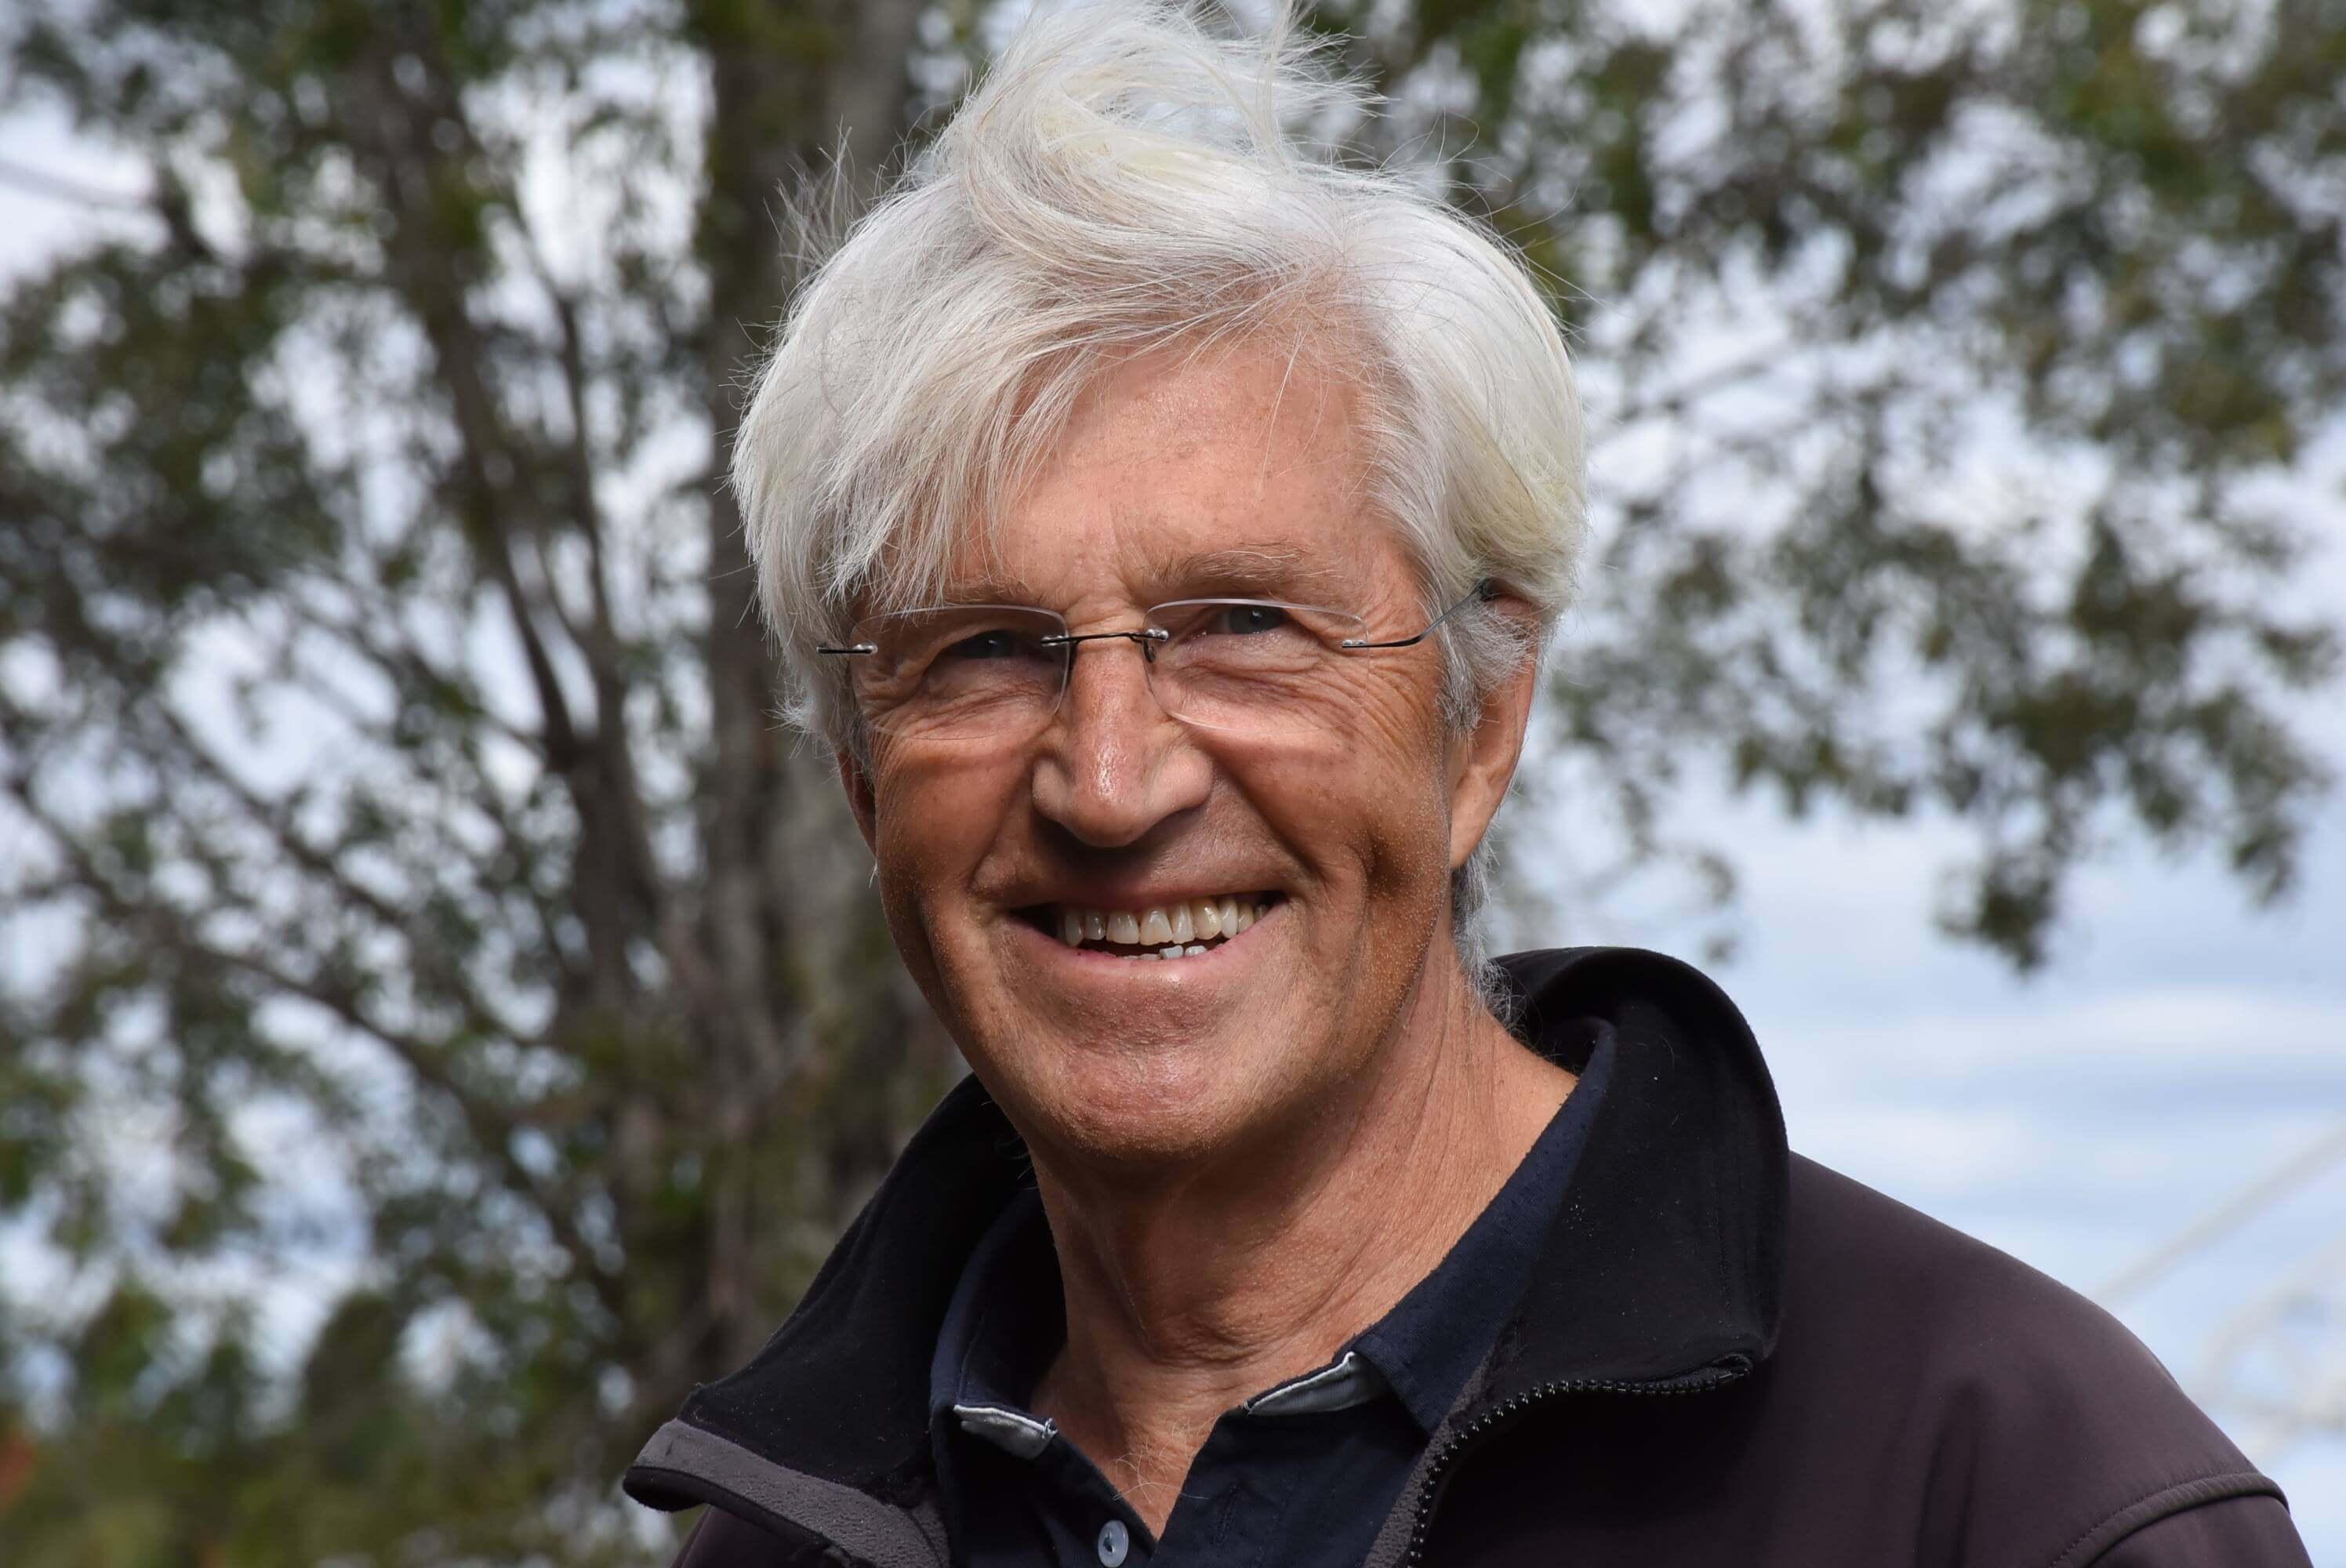 Kjell Johansson